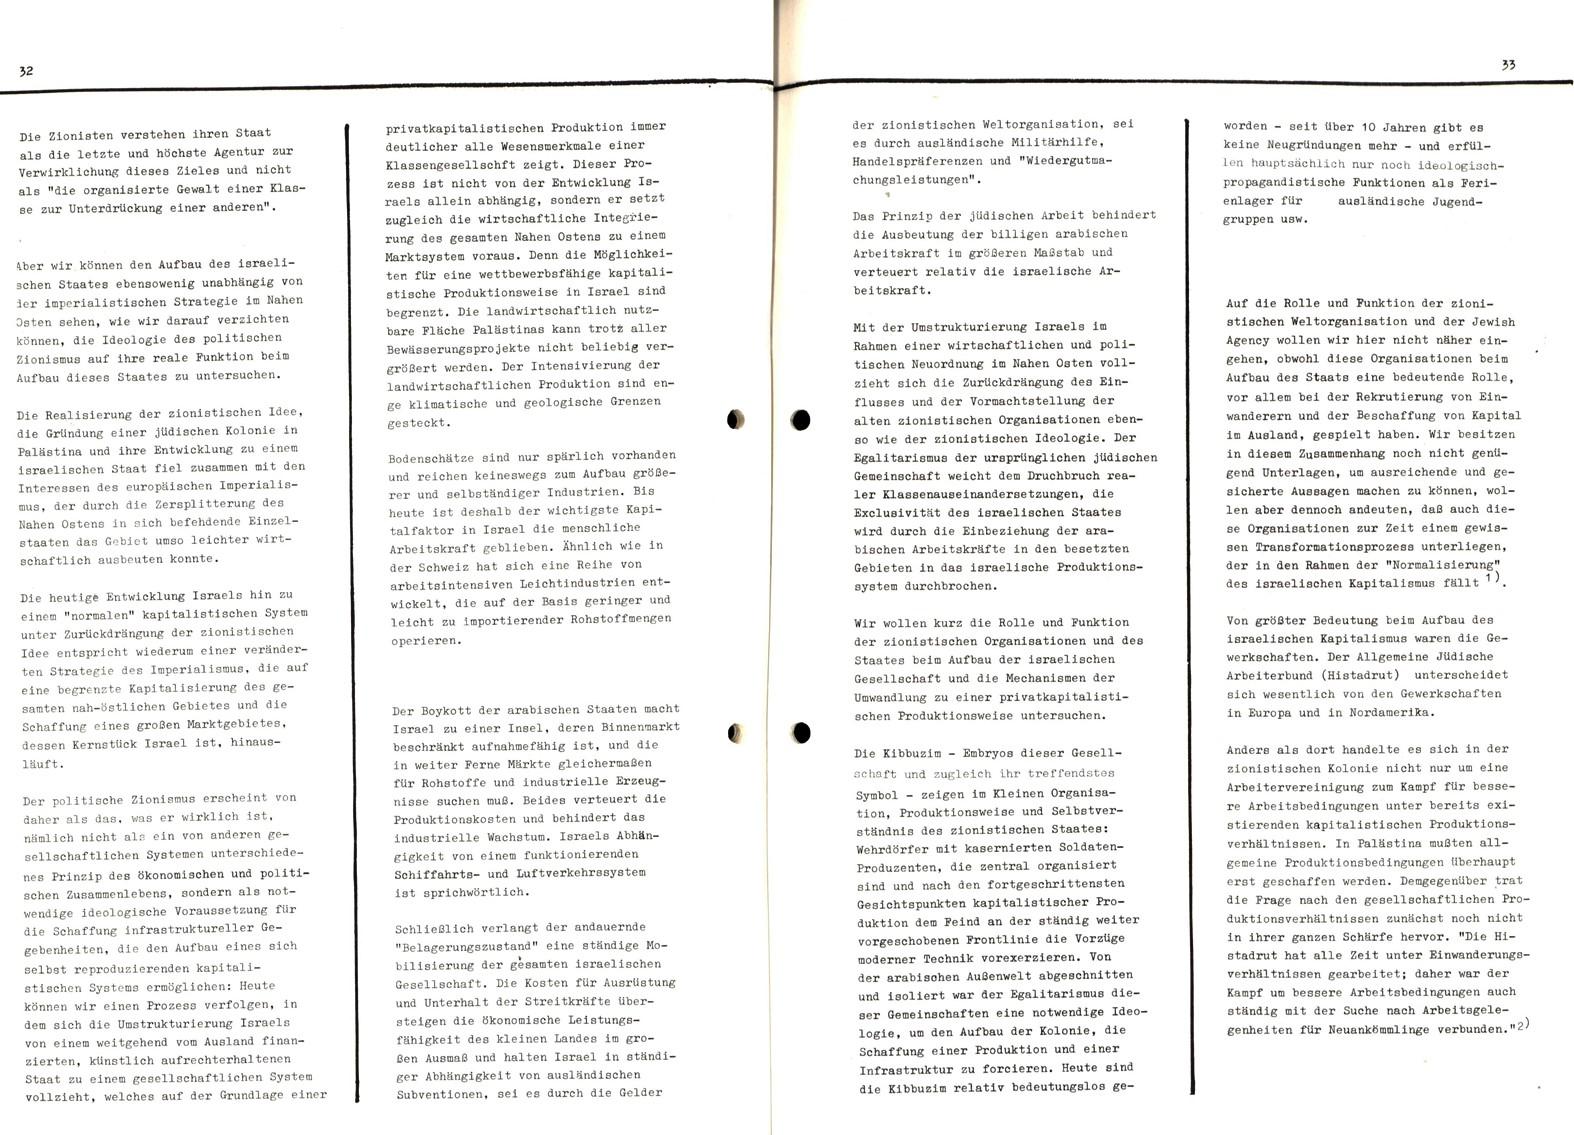 Proletarische_Front_1971_02_17